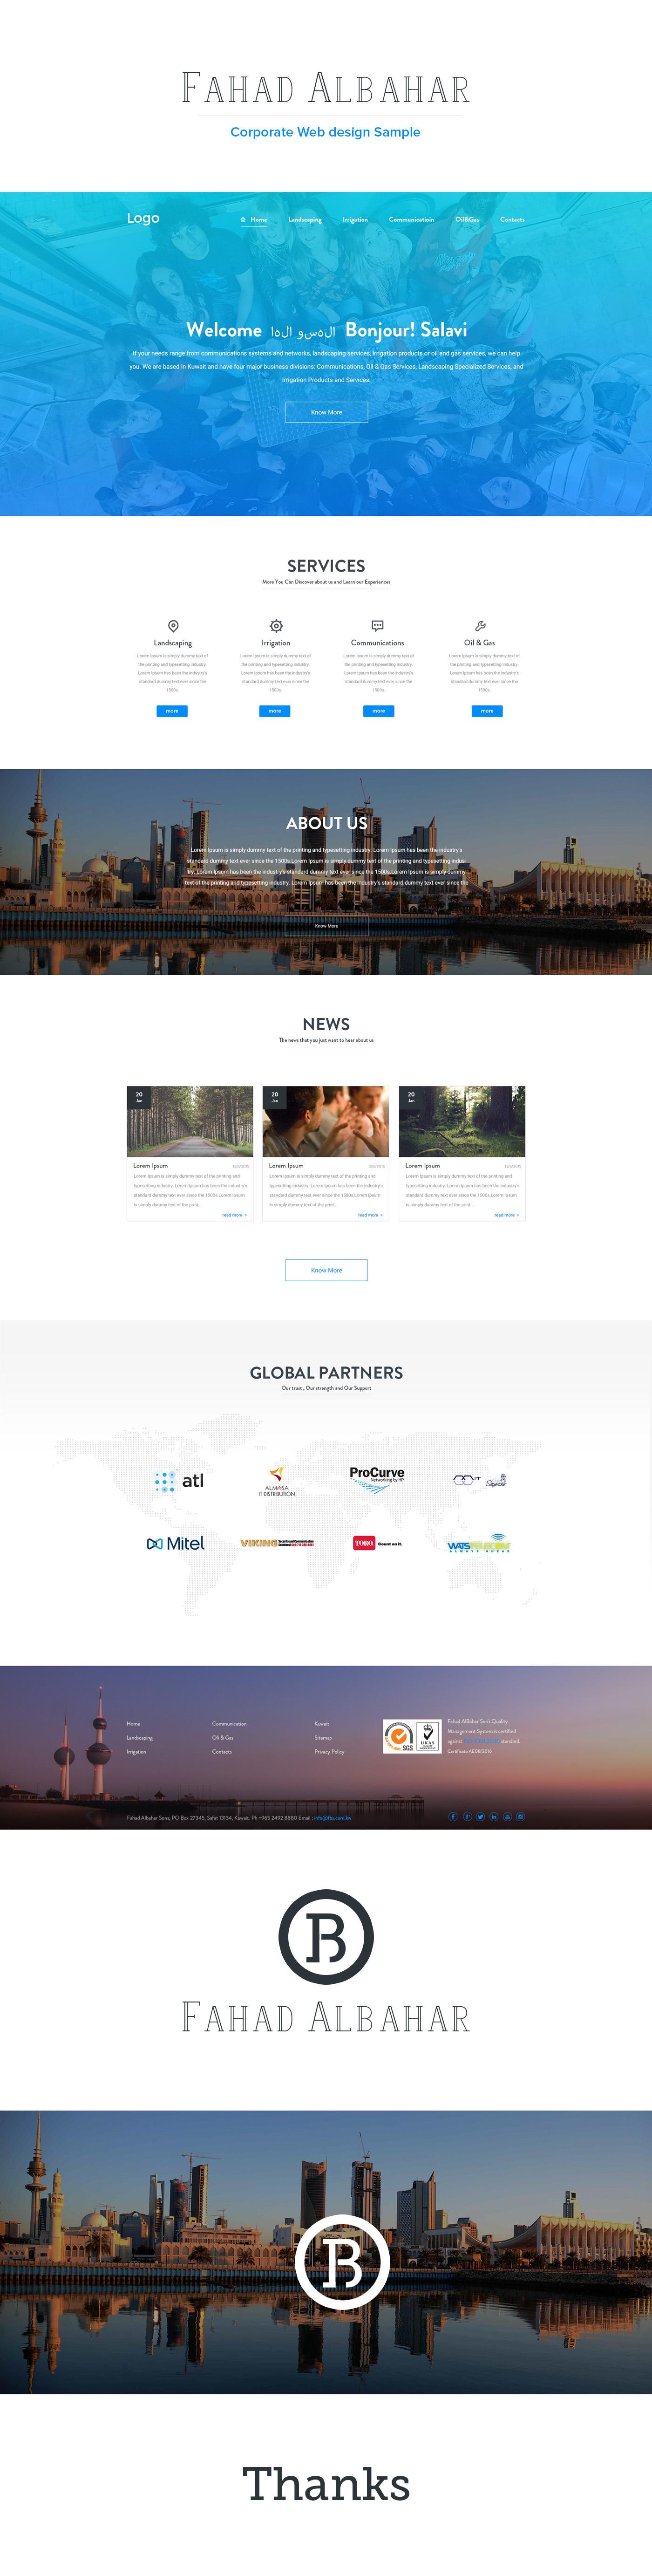 UI ux Webdesign minimal blue White logo flat